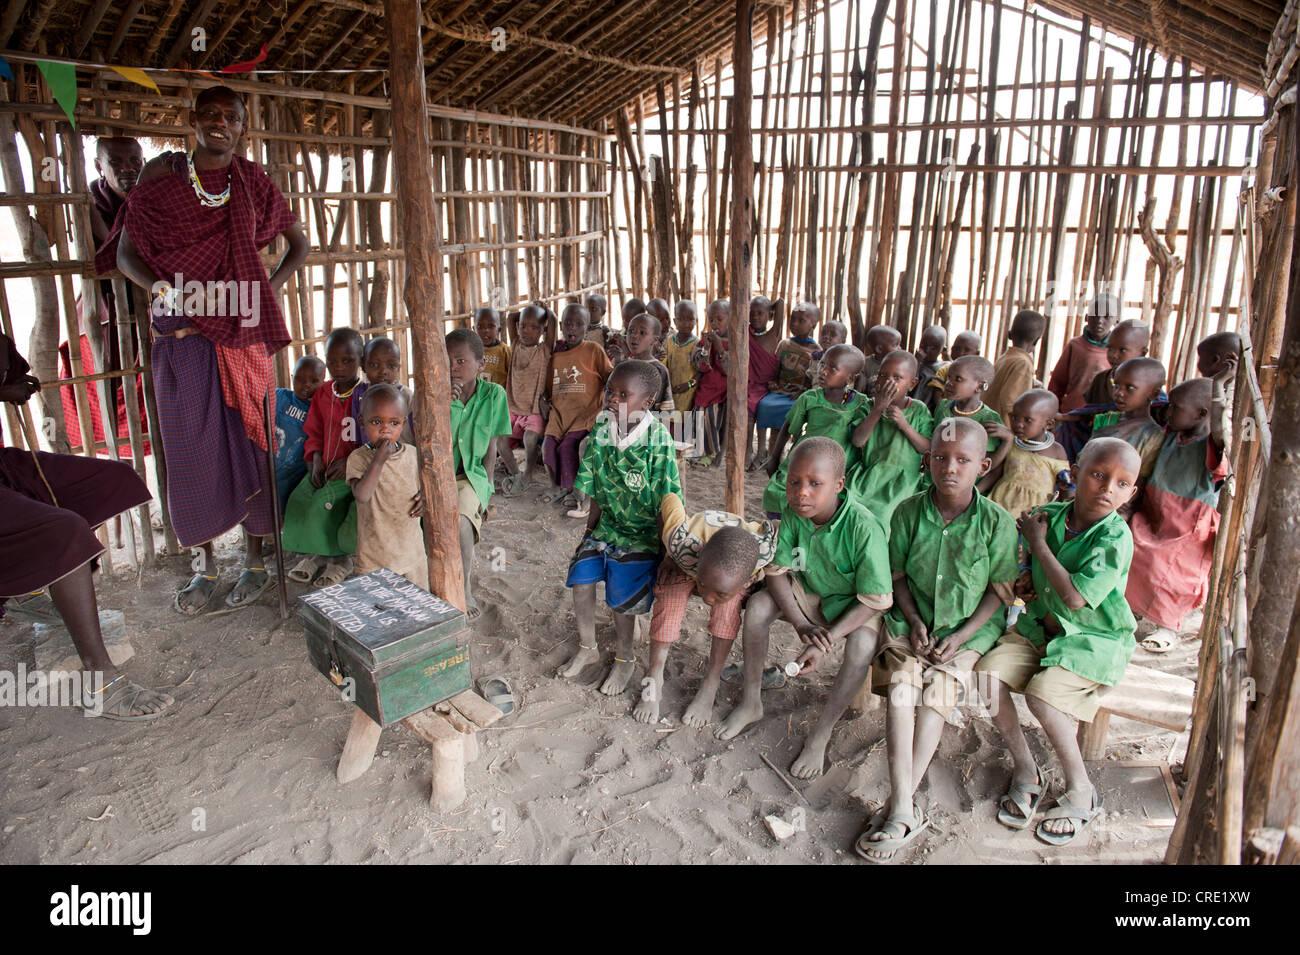 La educación y la pobreza, los niños de una escuela primaria de la clase con un profesor, etnología, Imagen De Stock